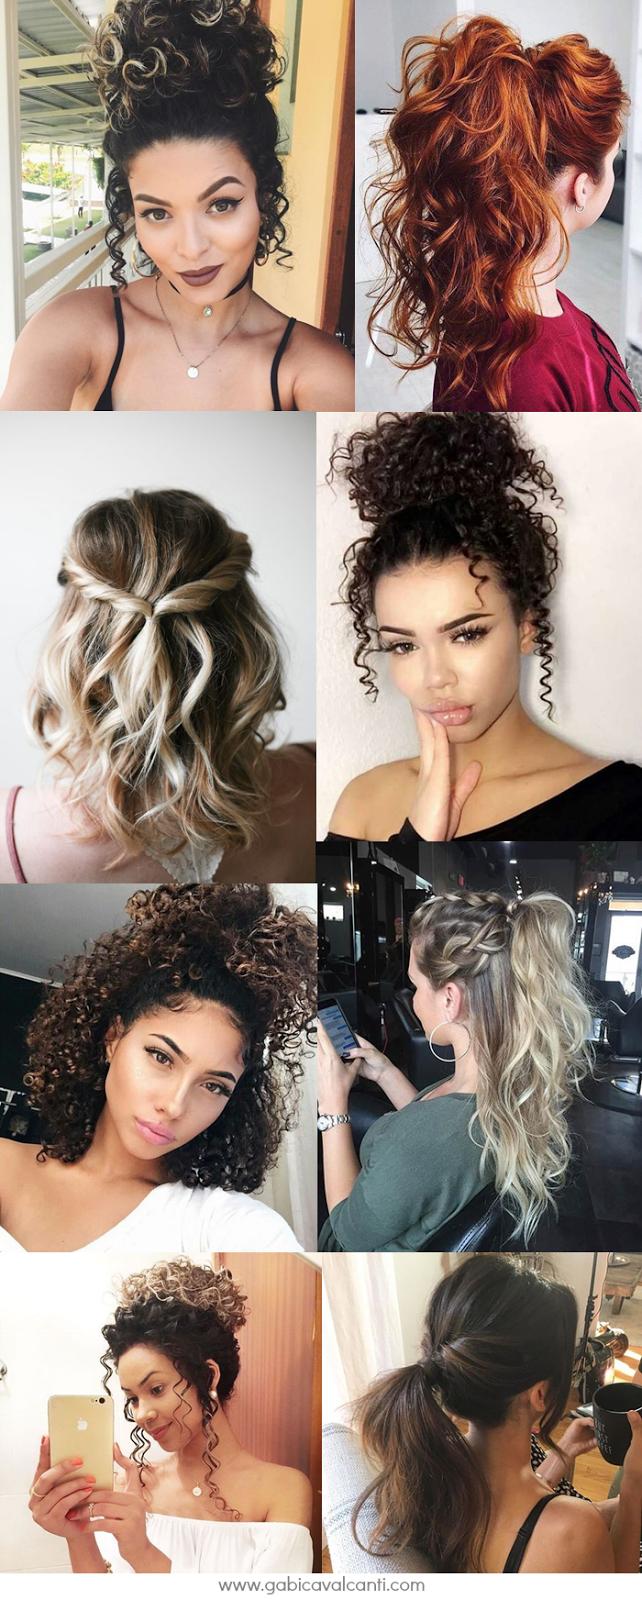 penteados-simples